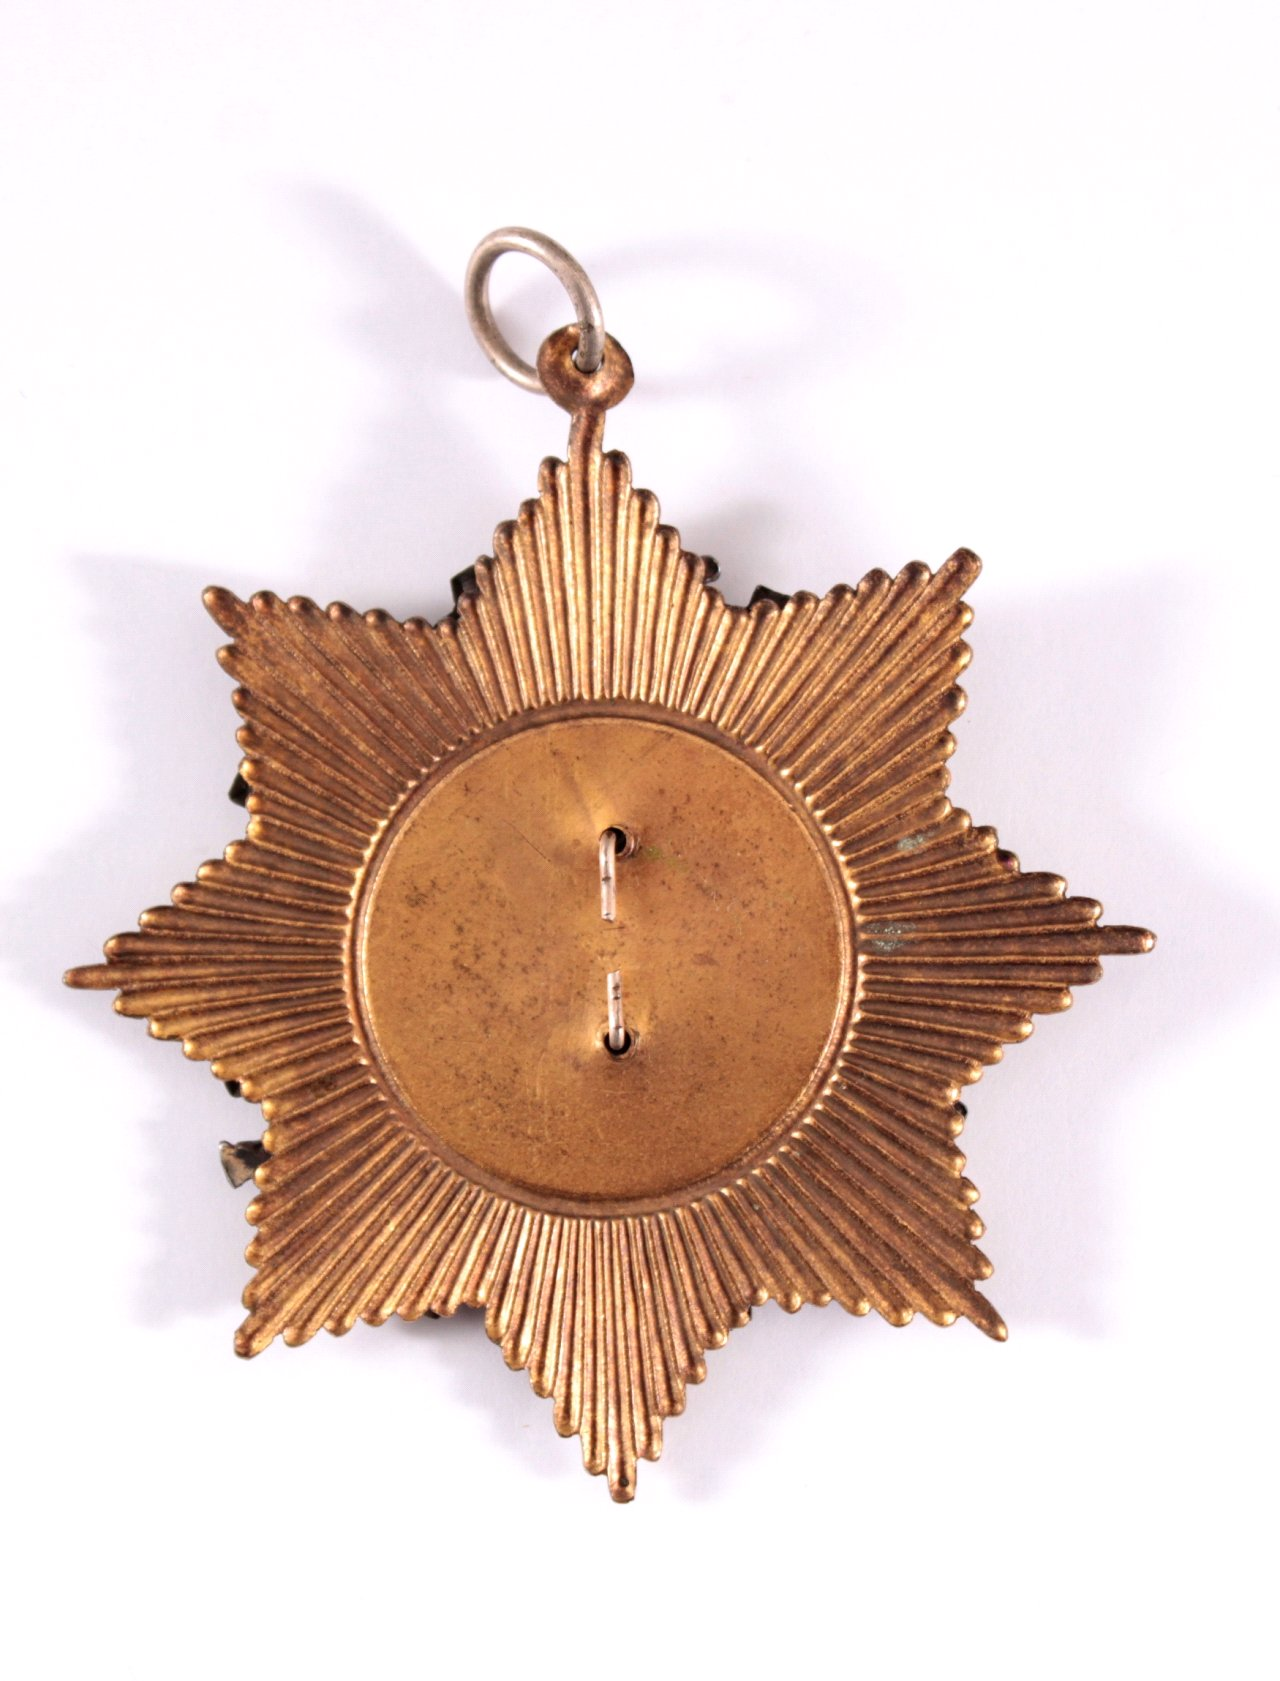 Kappenabend 1905 A.R.U.C.F.-1